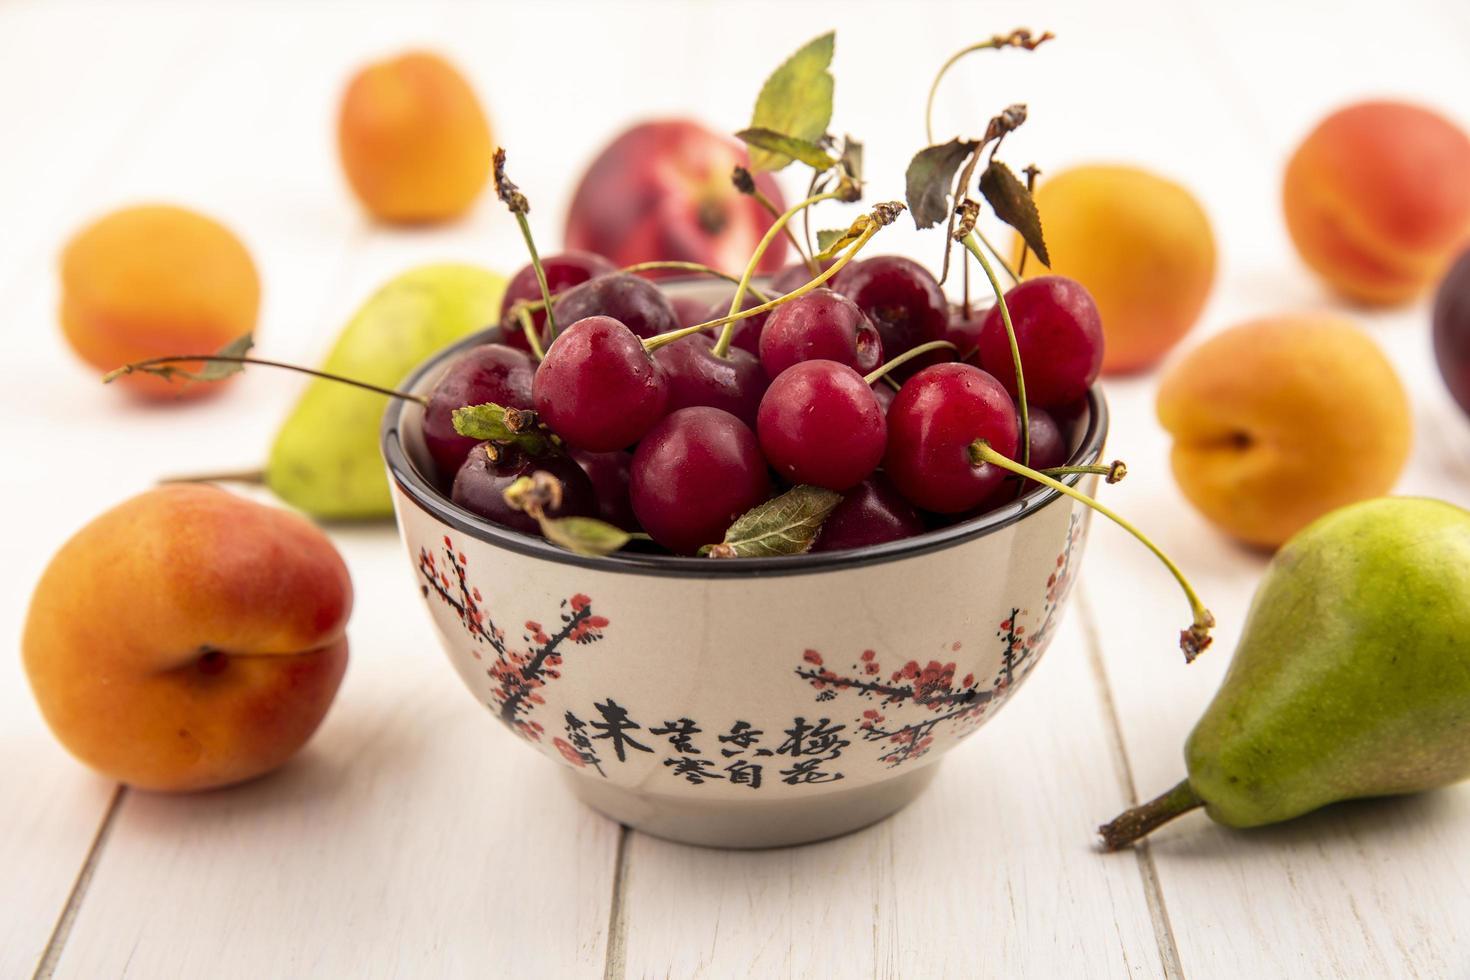 Tazón de cerezas con frutas sobre fondo de madera foto